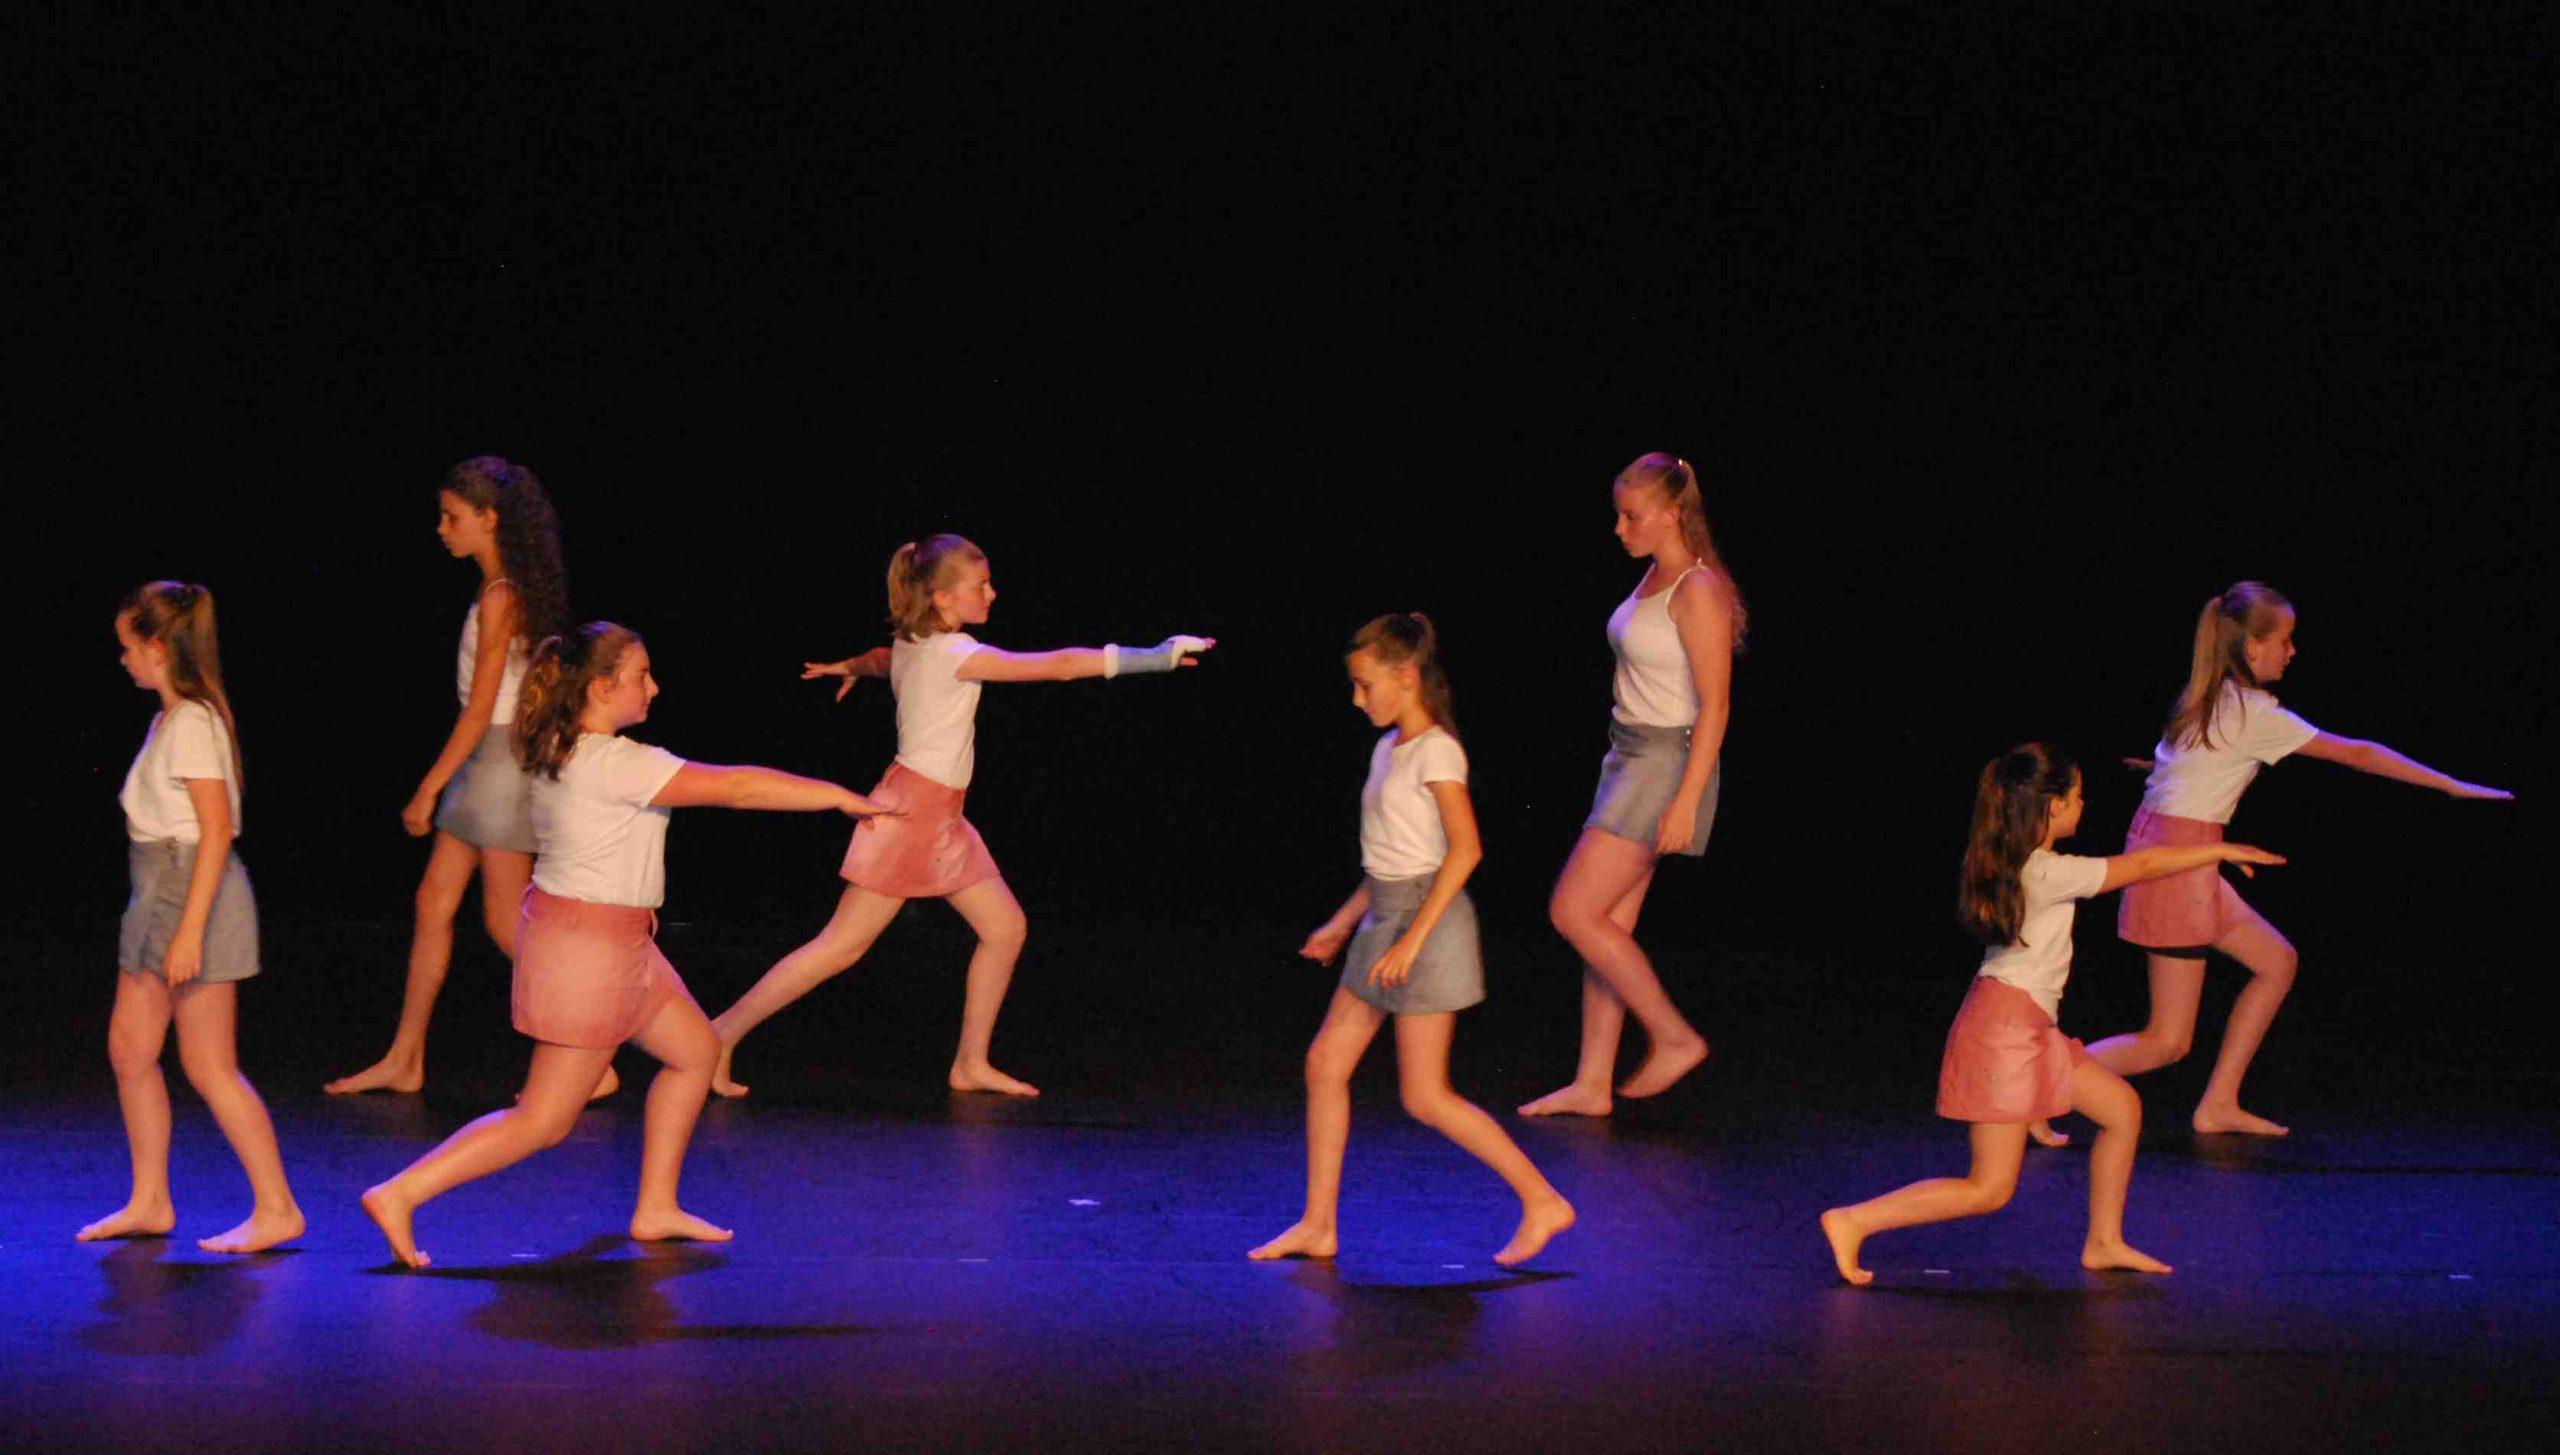 Quand la danse a-t-elle été créée?